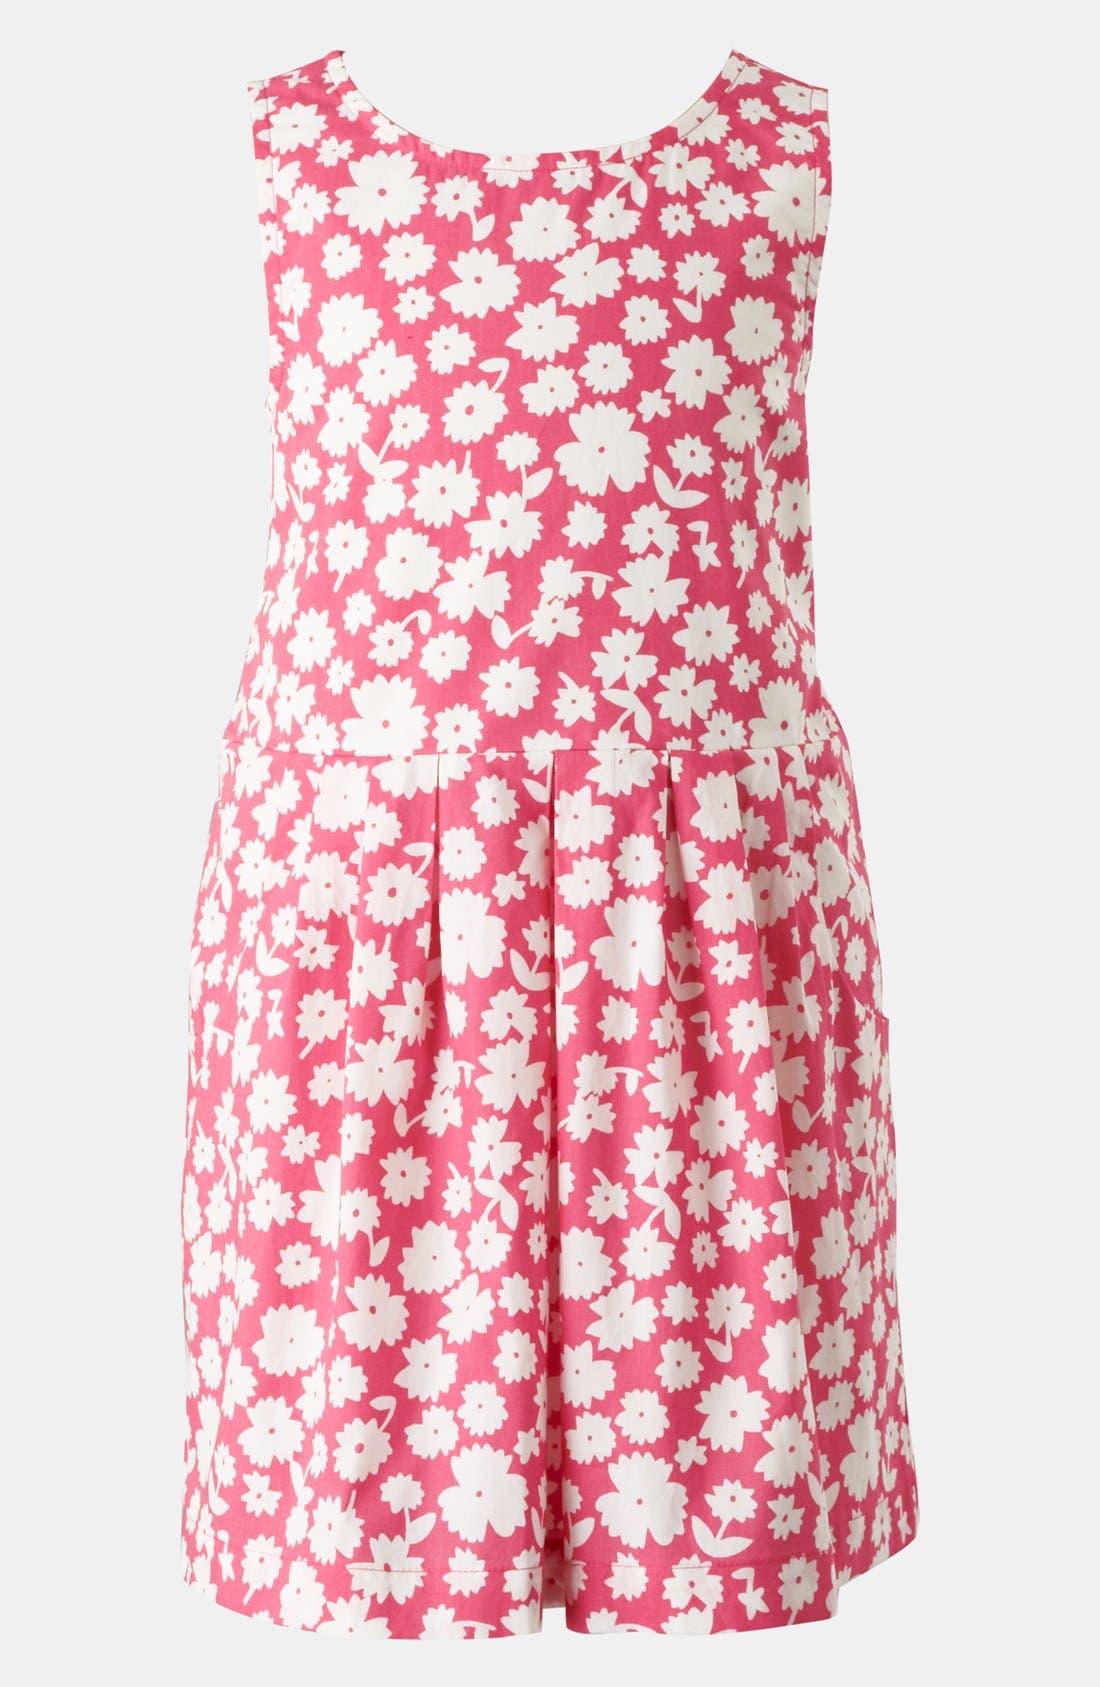 Alternate Image 1 Selected - Mini Boden 'Tulip' Dress (Little Girls & Big Girls)